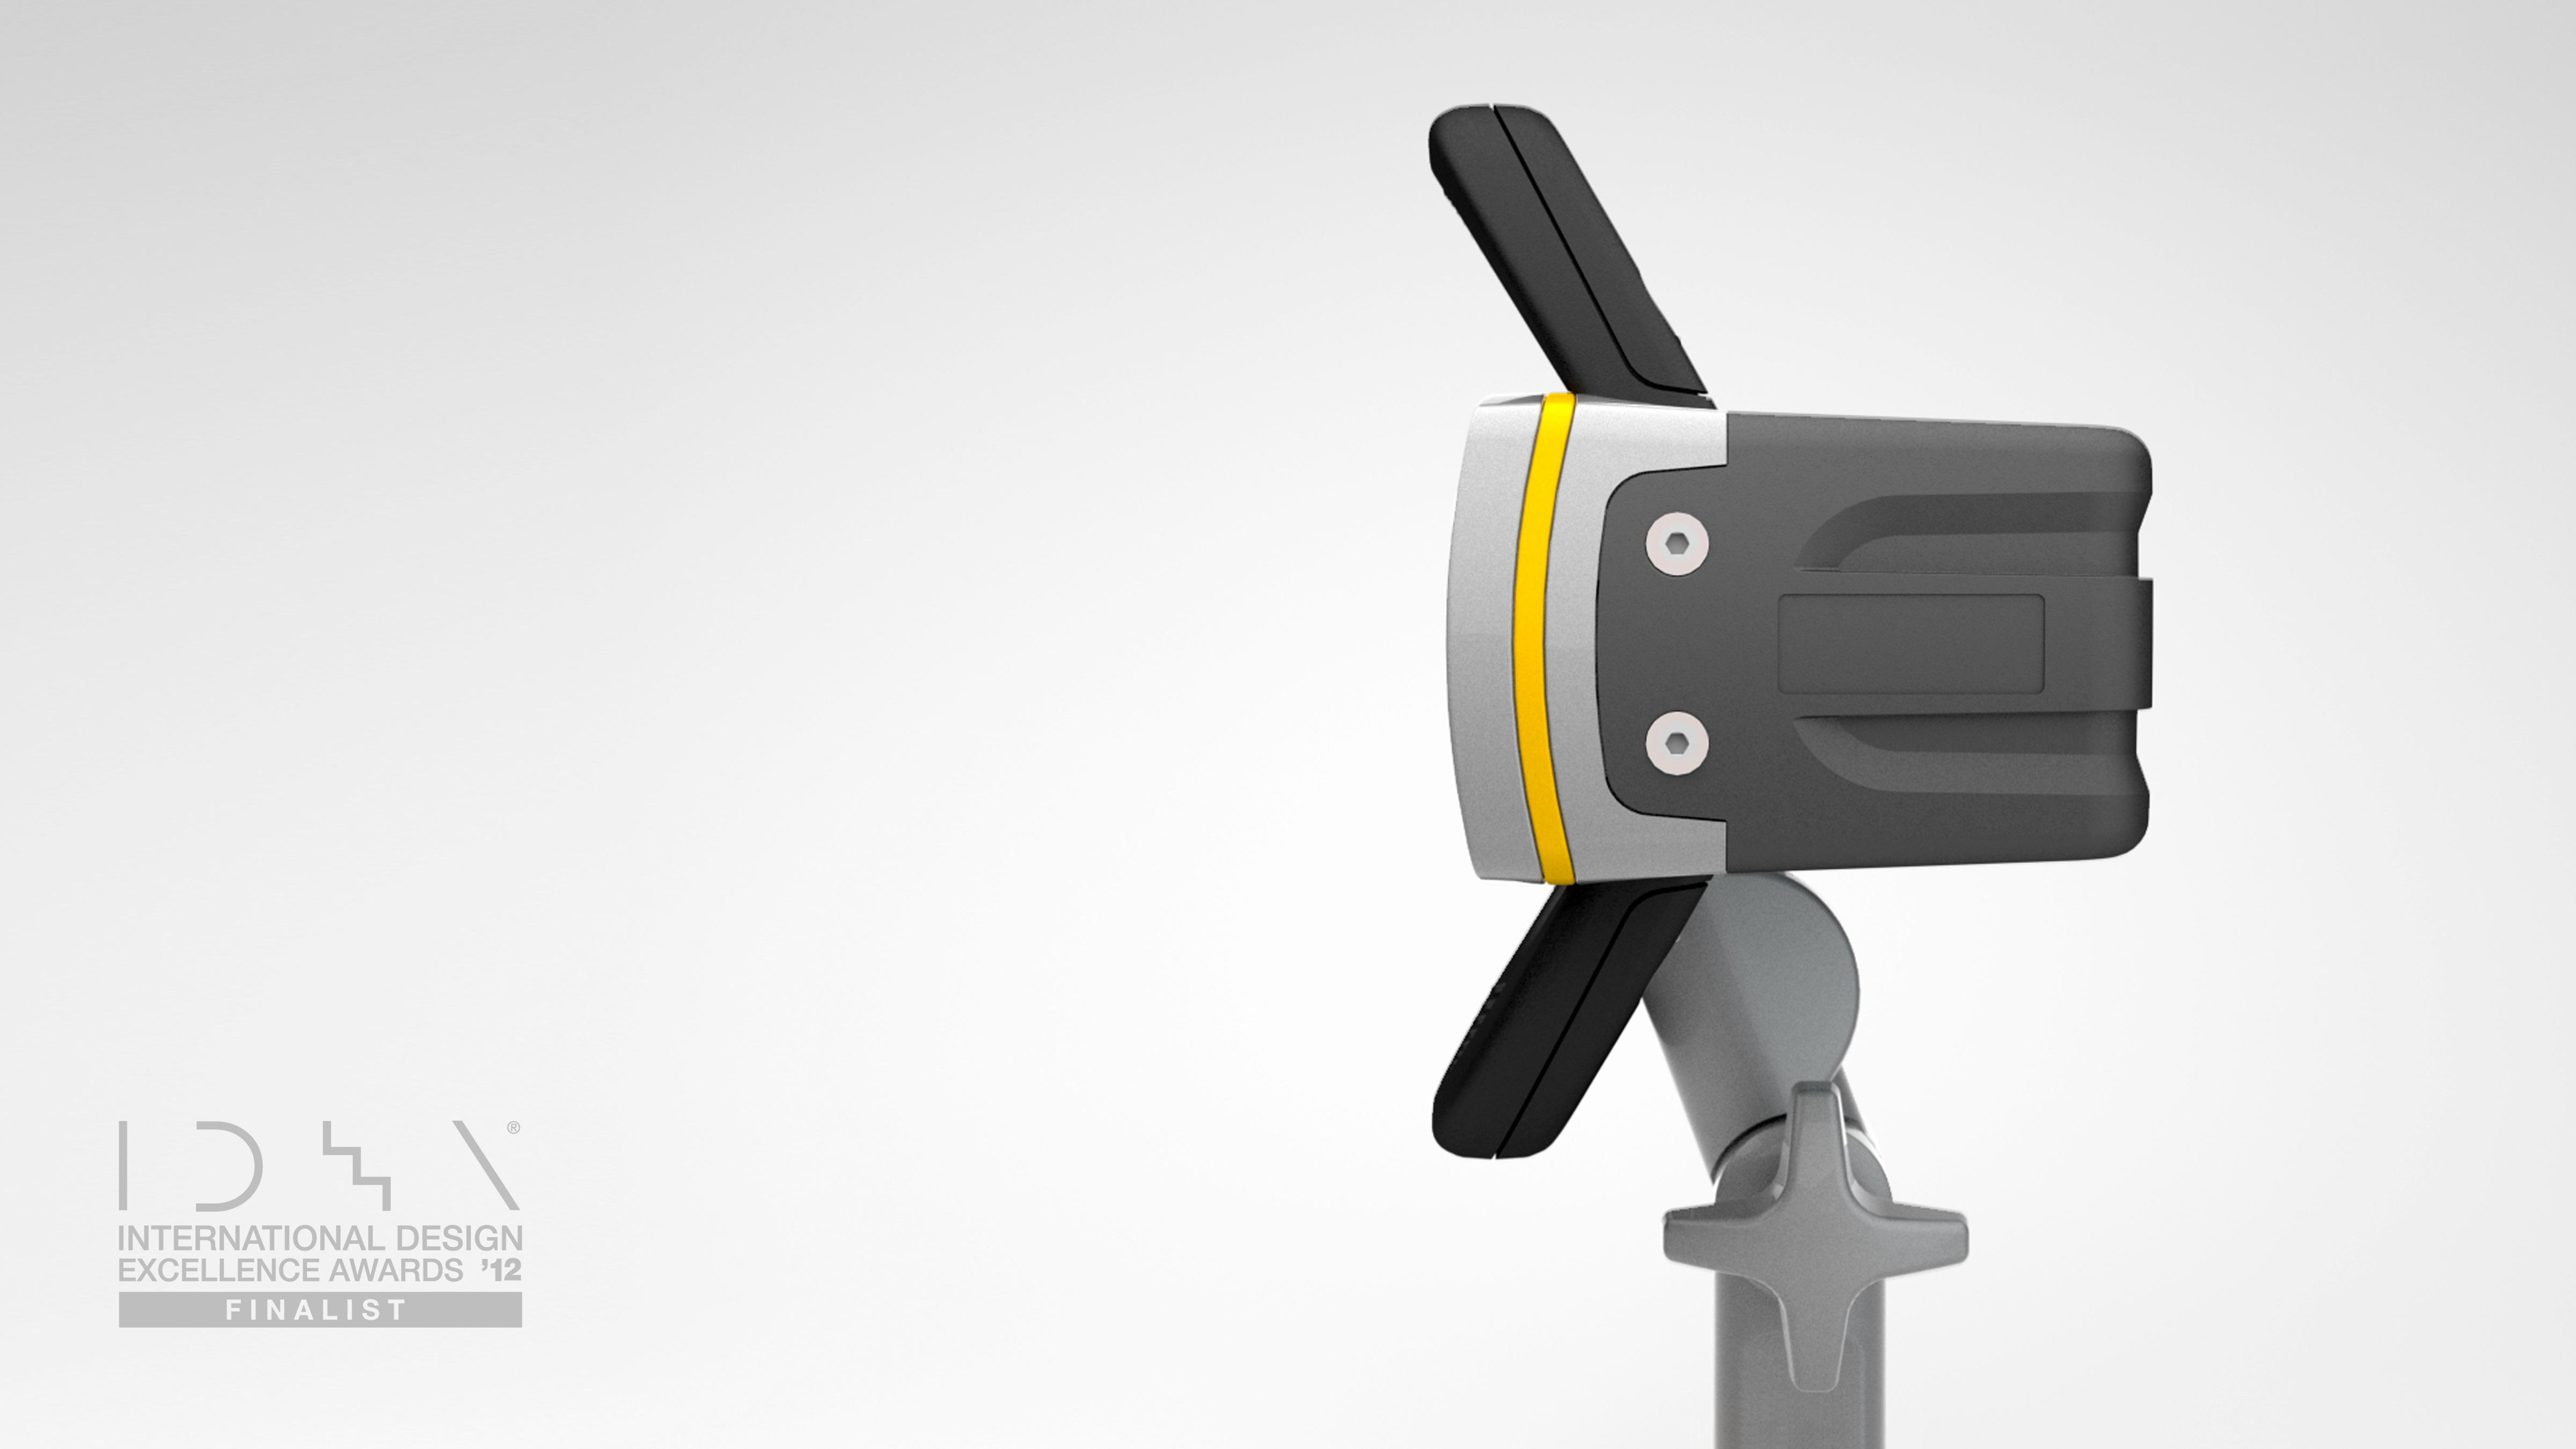 weldon emergency scene light product design 01